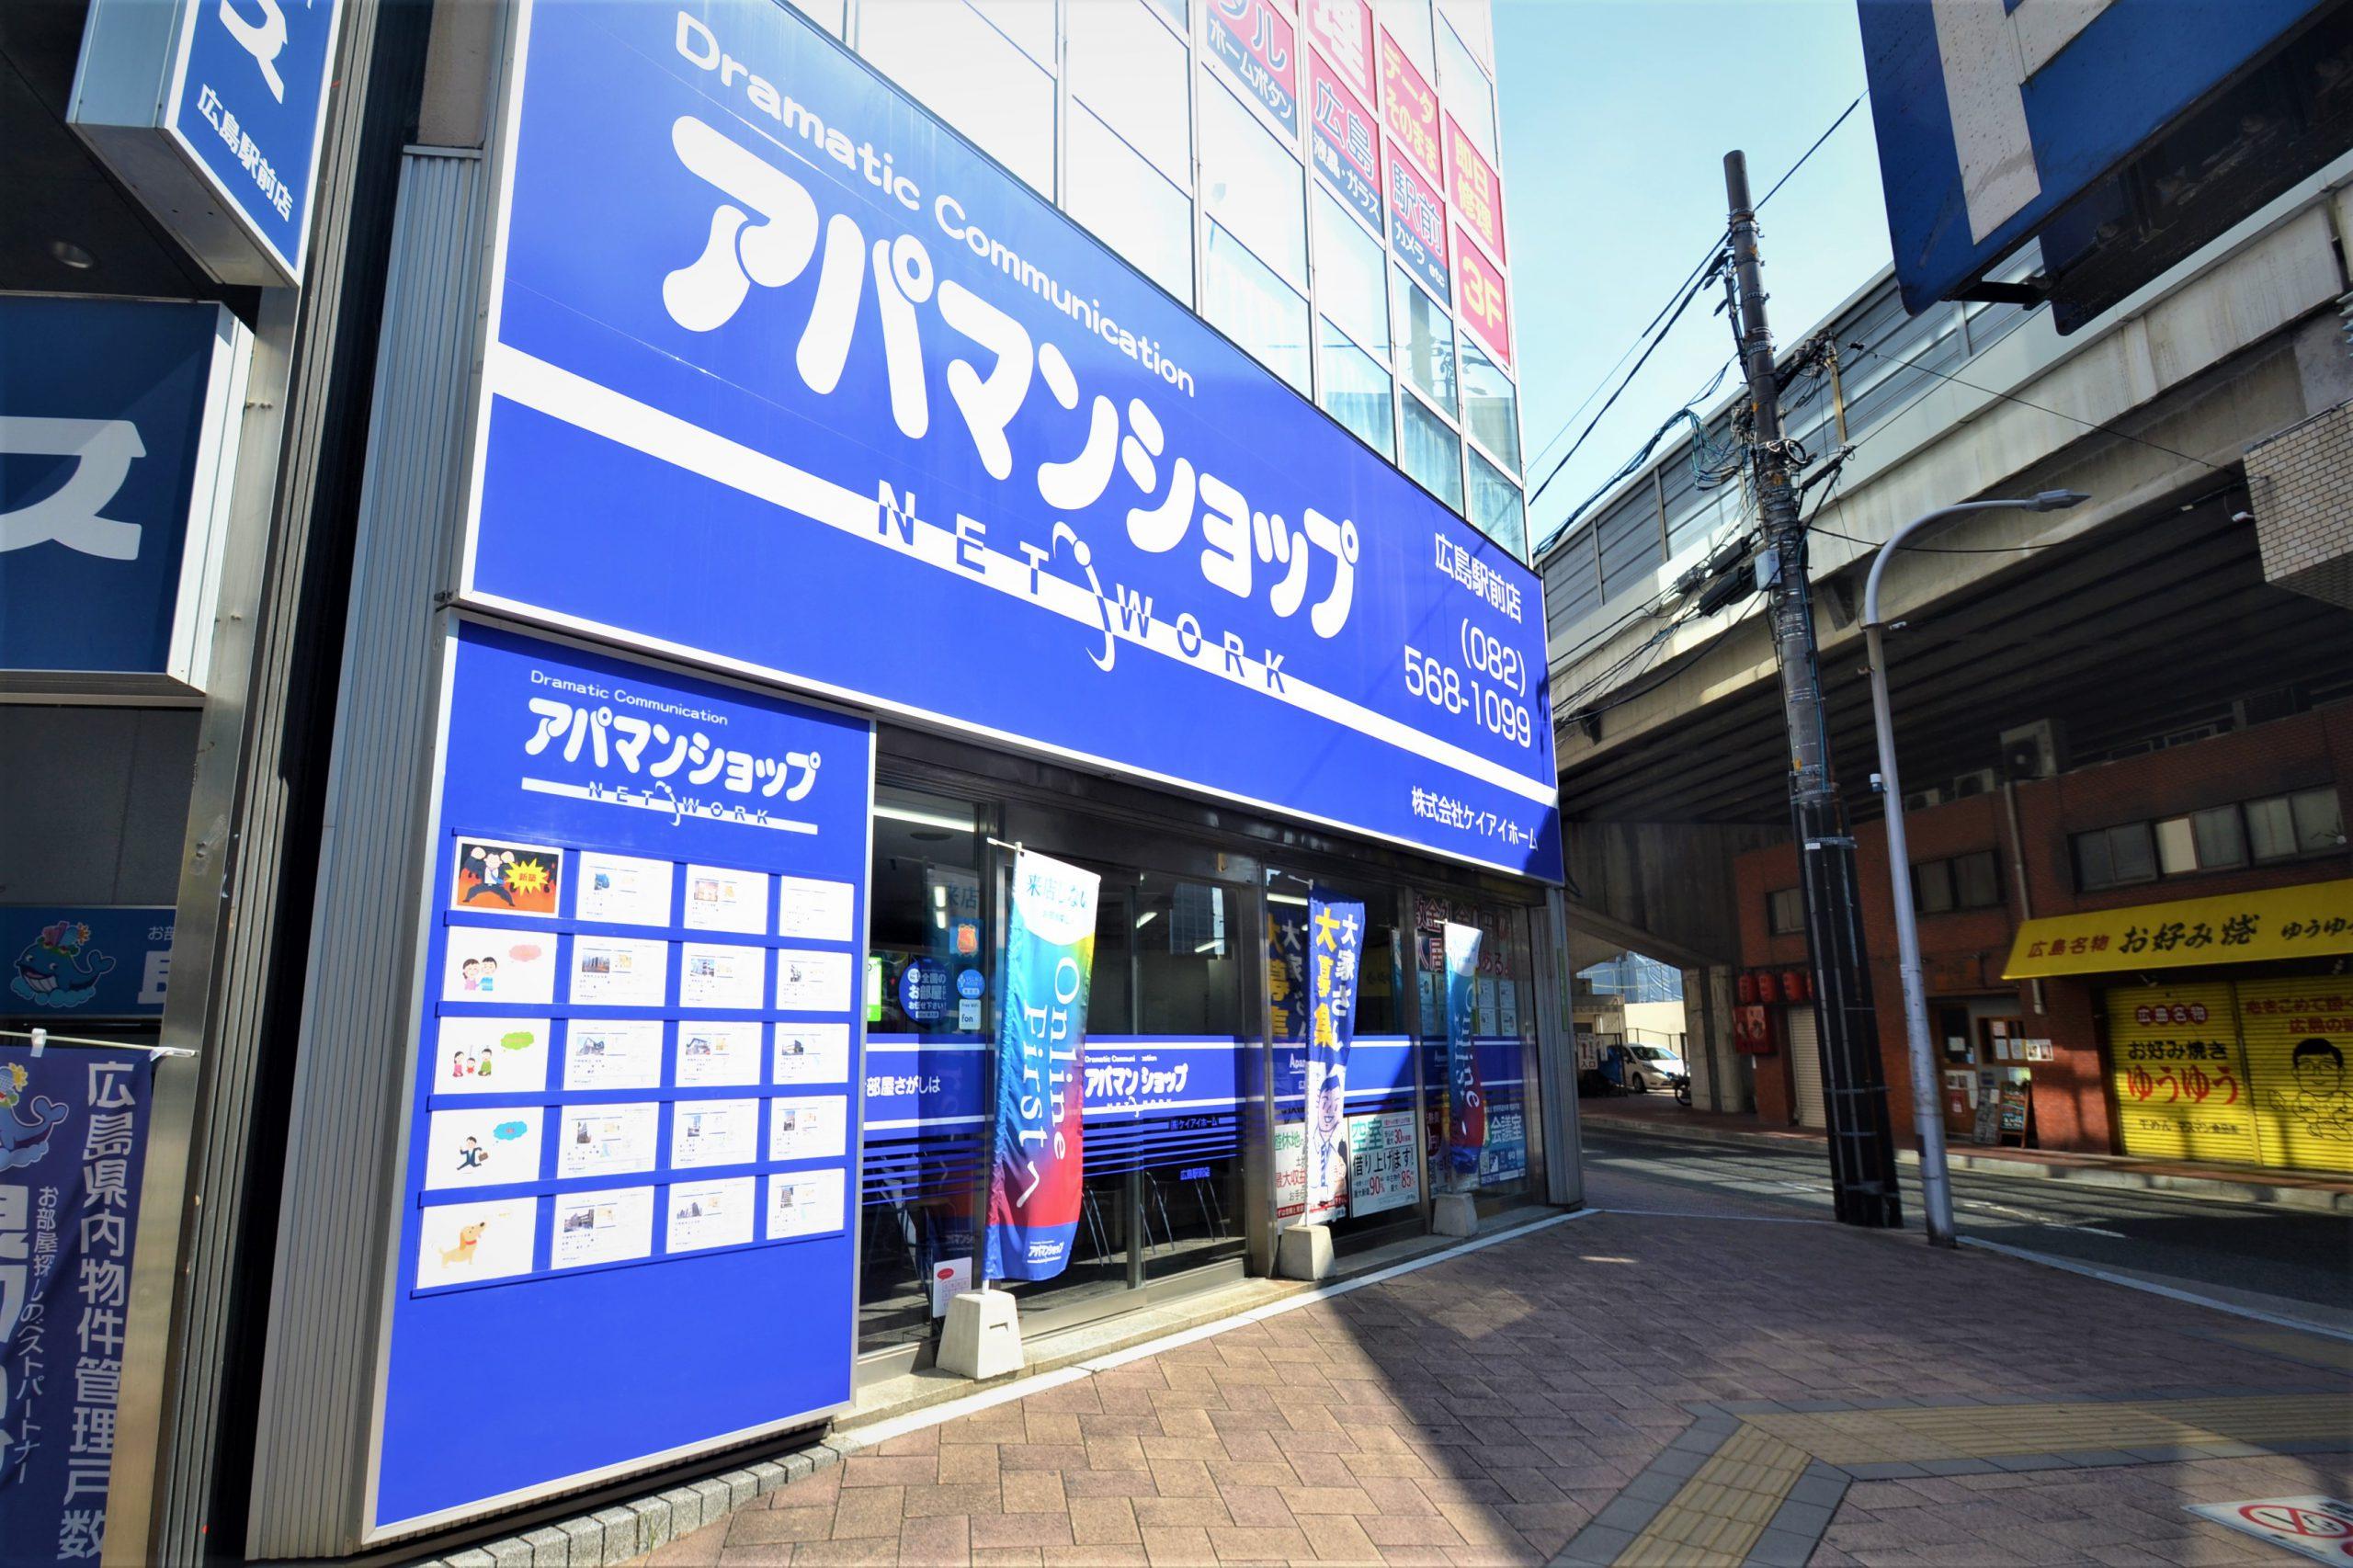 アパマンショップ 広島駅前店